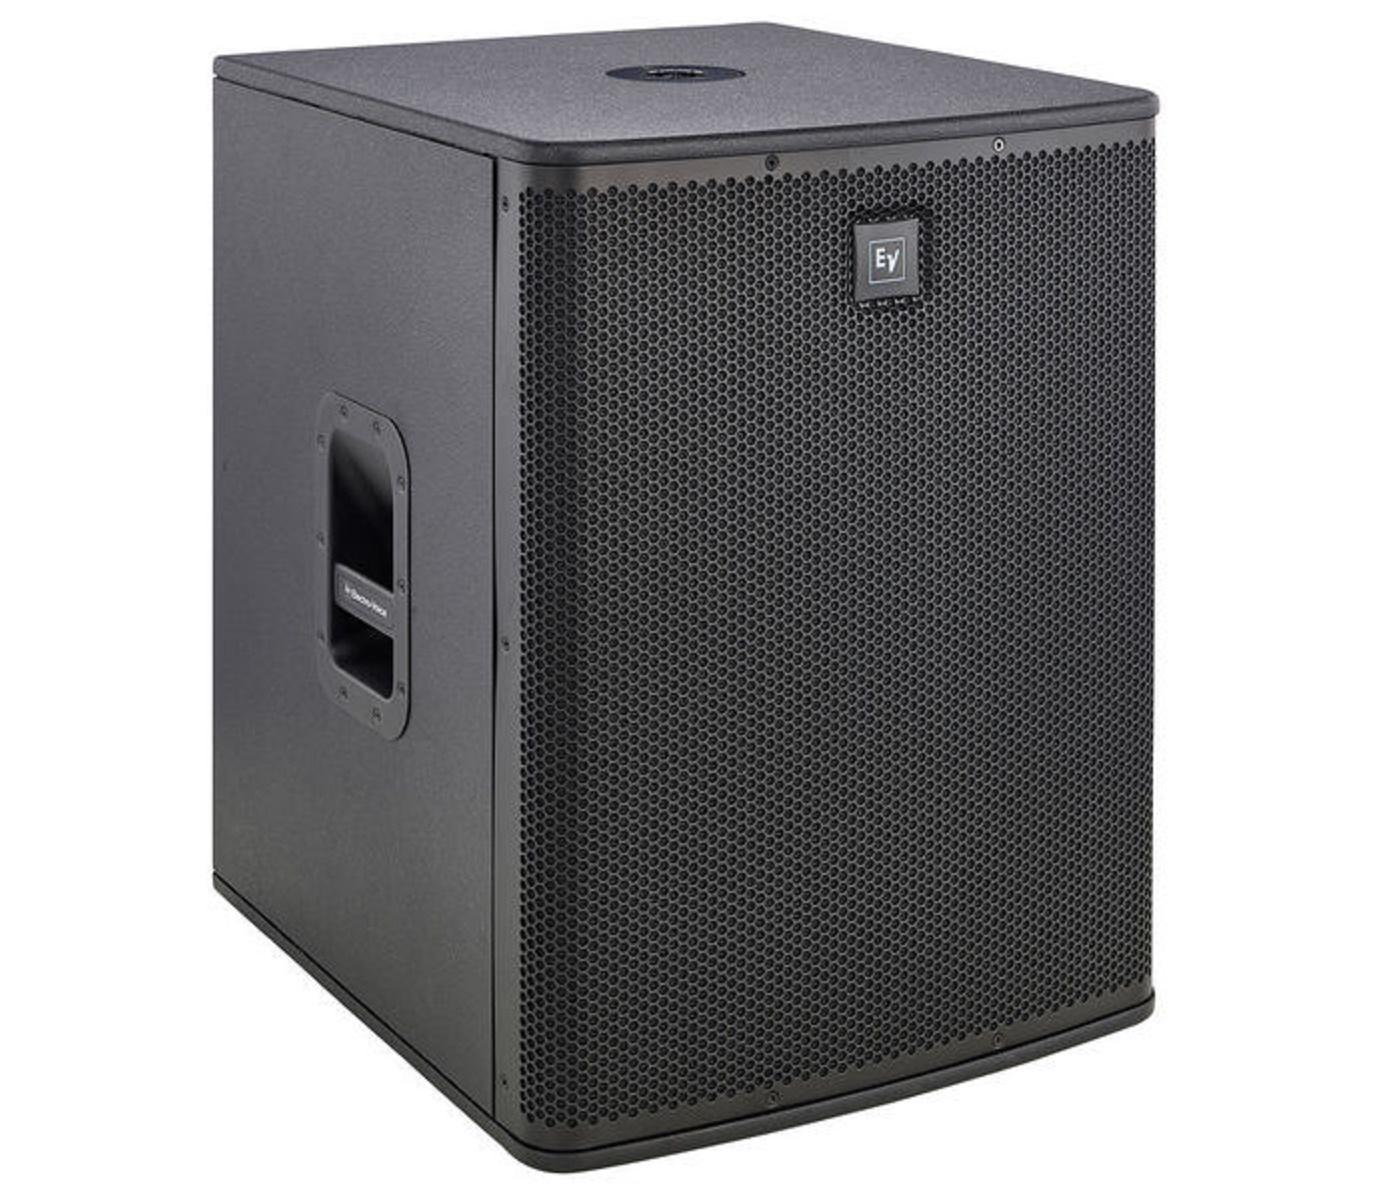 Electro Voice Elx118 Subgrave Pasivo